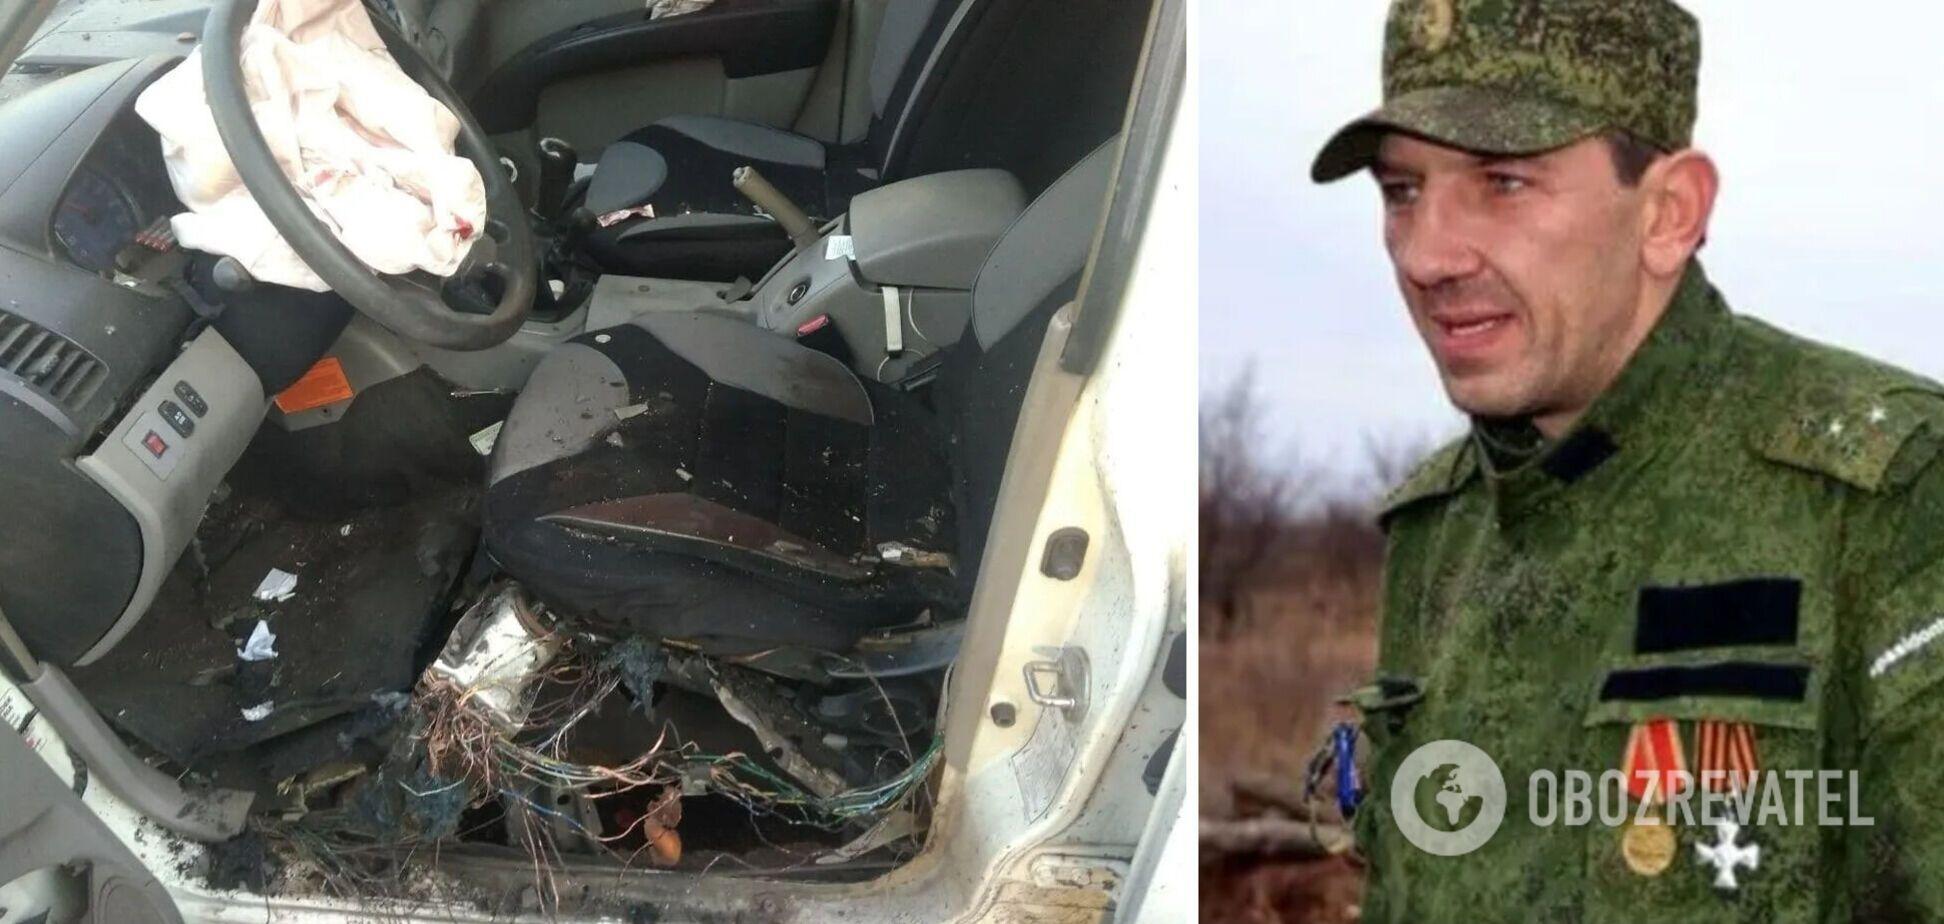 В 'ДНР' подорвали авто одного с главарей: появилось видео с места 'теракта'